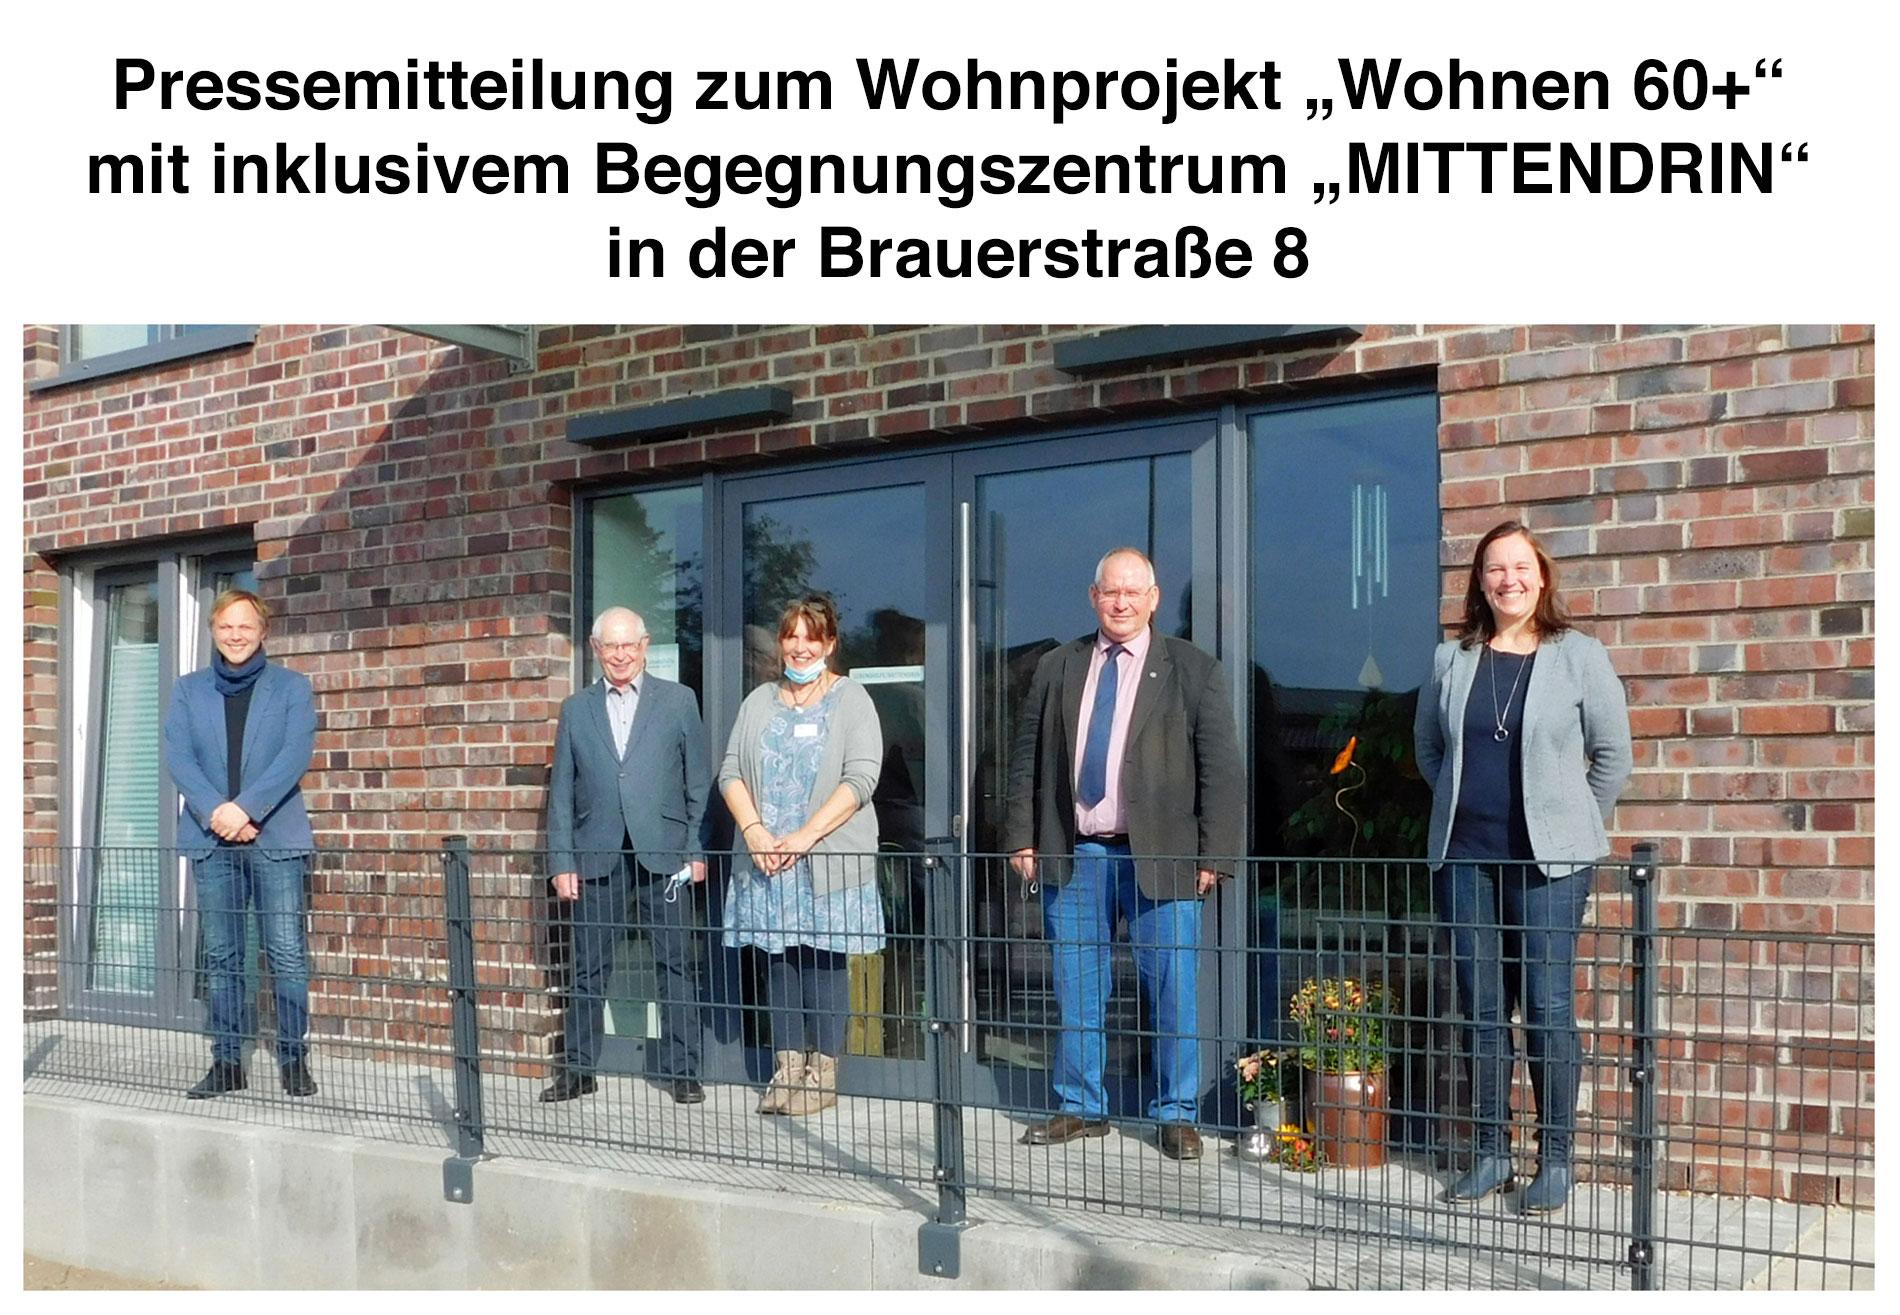 """Presseinformaton zum Wohnprojekt """"Wohnen 60+"""" mit inklusivem Begegnungszentrum """"MITTENDRIN"""" in der Brauerstraße 8"""